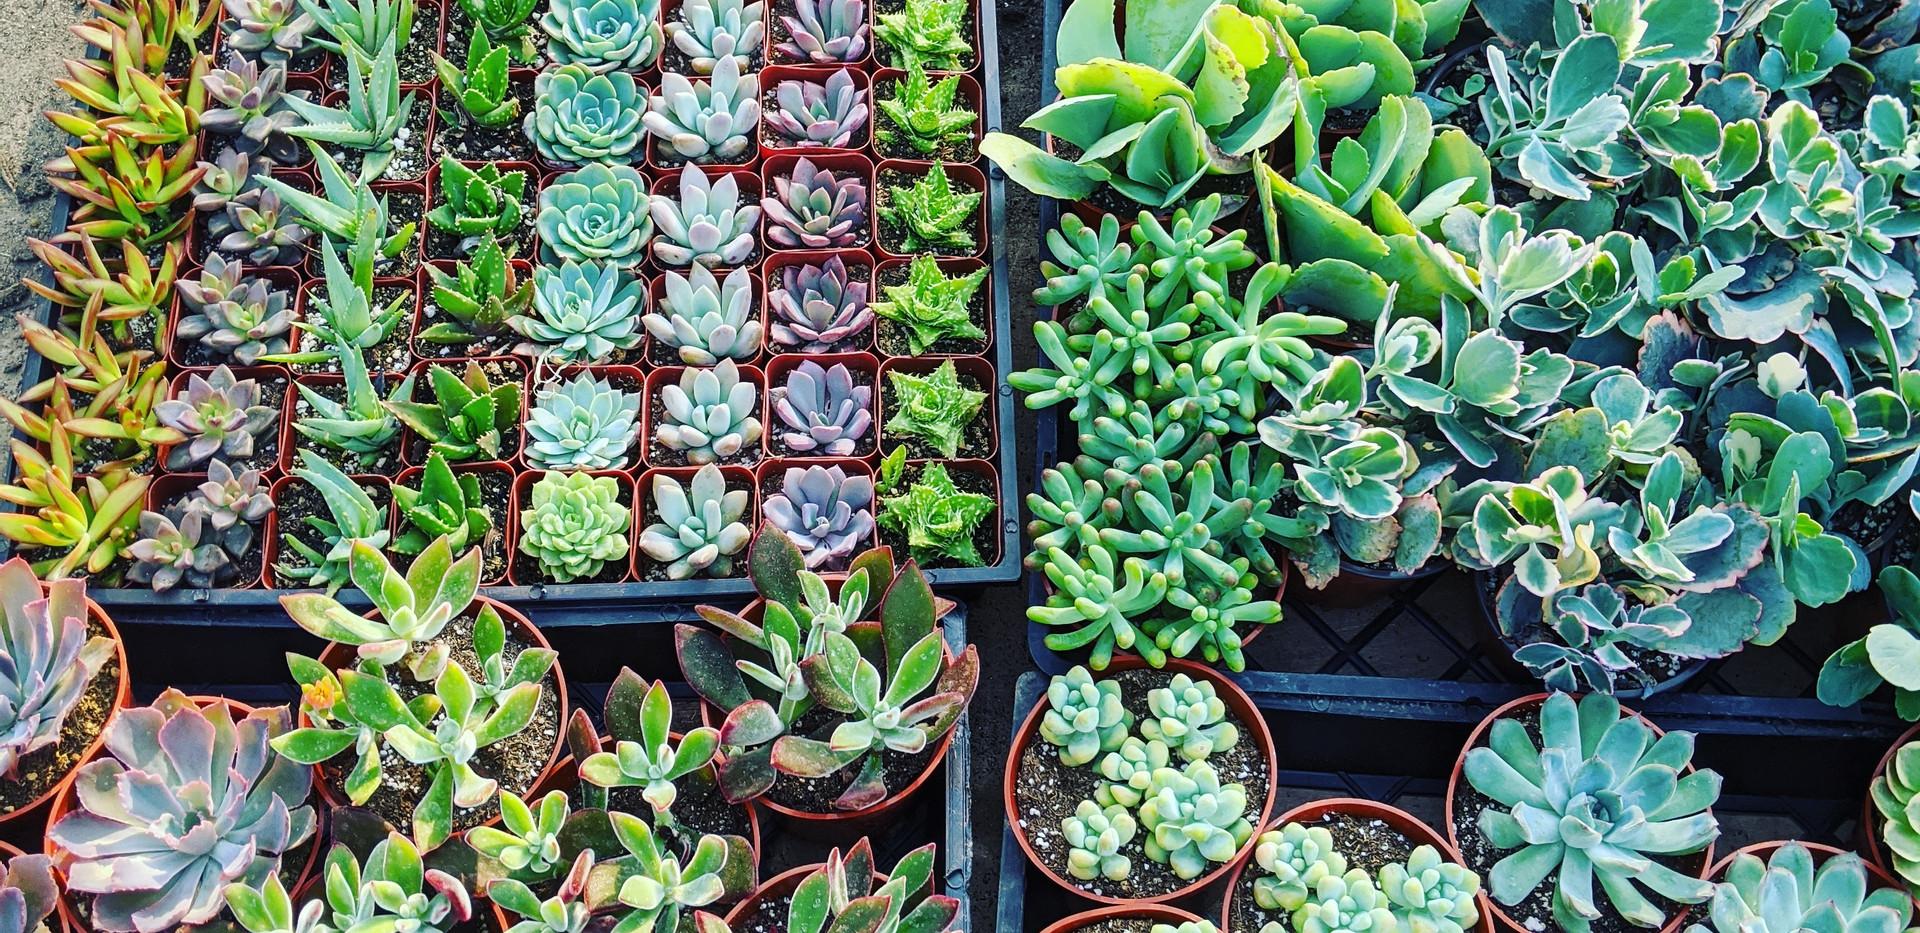 Mixed Succulents